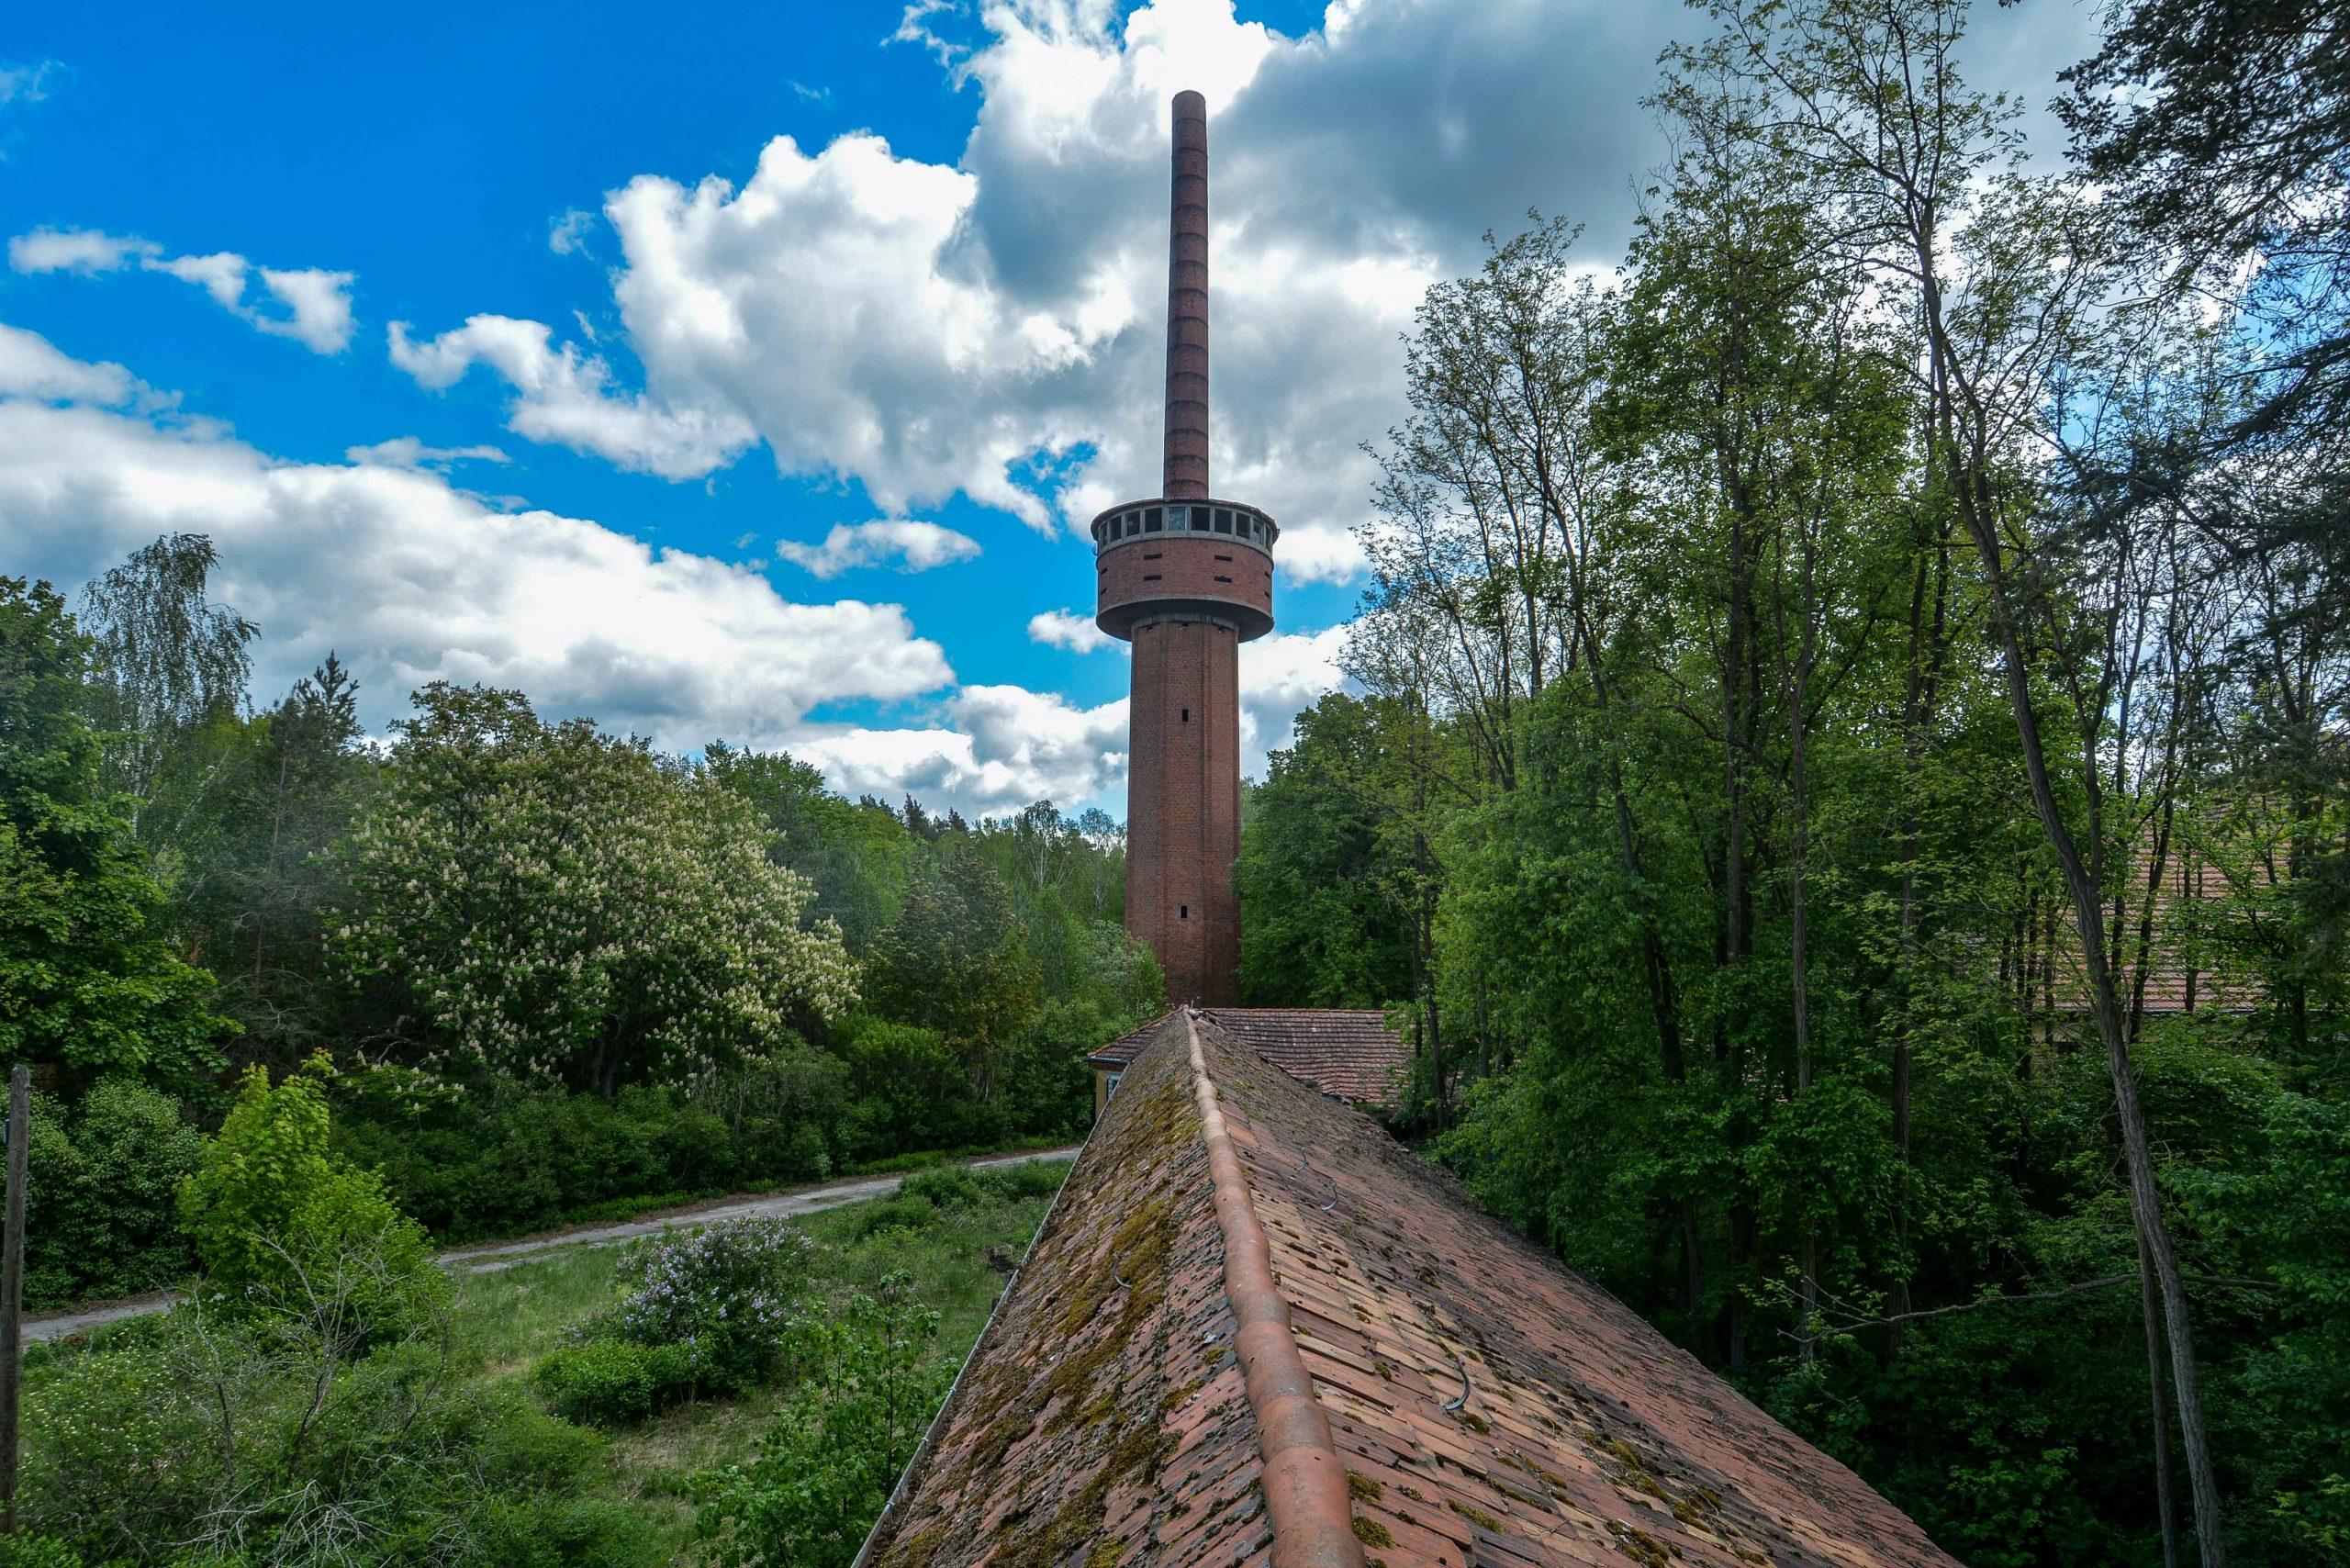 chimney view tuberkulose heilstaette grabowsee sanatorium hospital oranienburg lost places abandoned urbex brandenburg germany deutschland